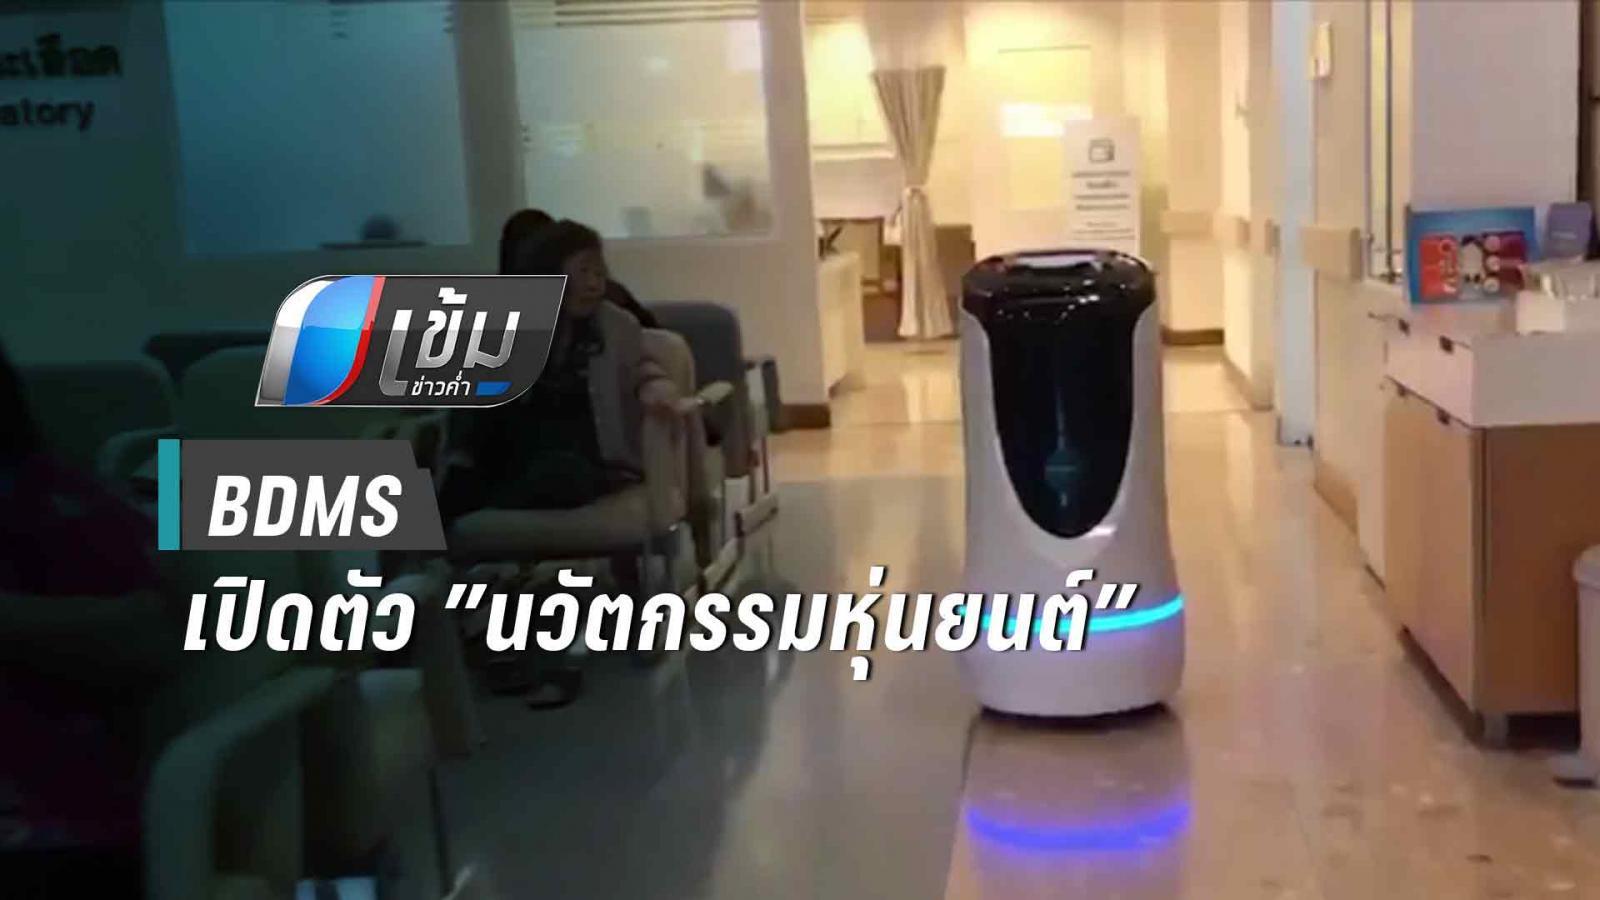 """""""BDMS"""" เปิดตัว """"ฮาปี้บอท"""" หุ่นยนต์ขนส่งในโรงพยาบาล"""